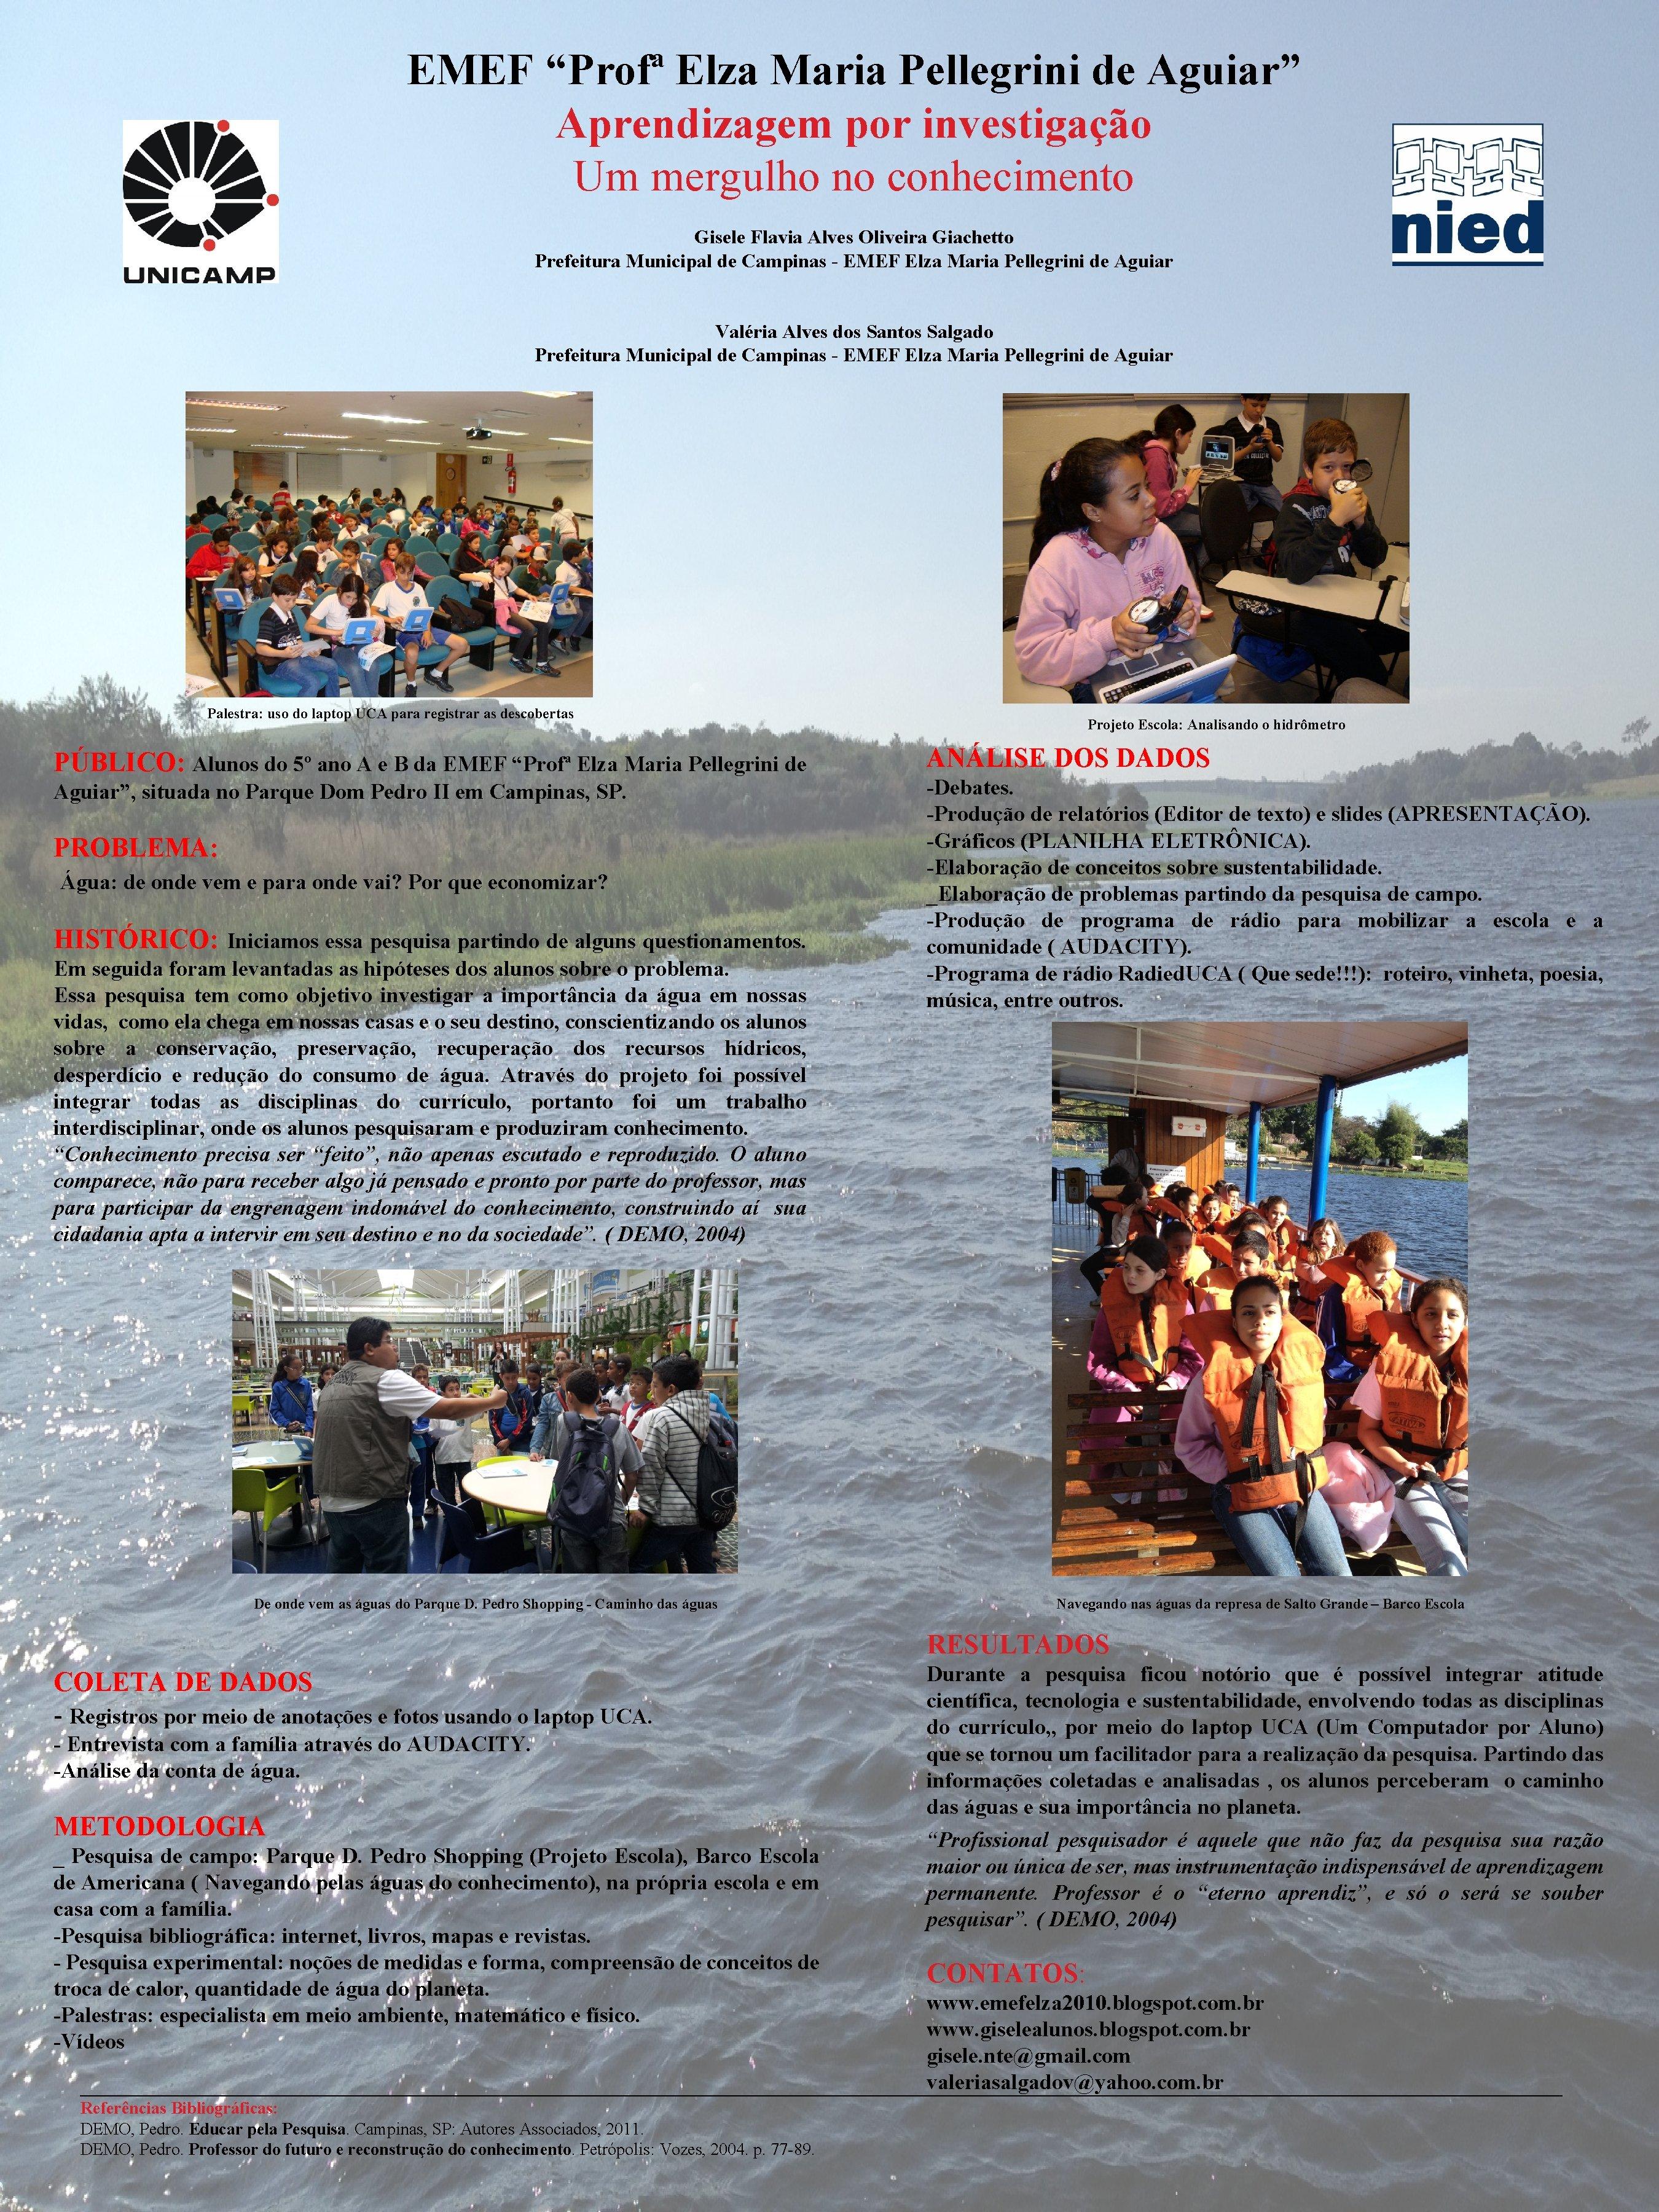 """EMEF """"Profª Elza Maria Pellegrini de Aguiar"""" Aprendizagem por investigação Um mergulho no conhecimento"""